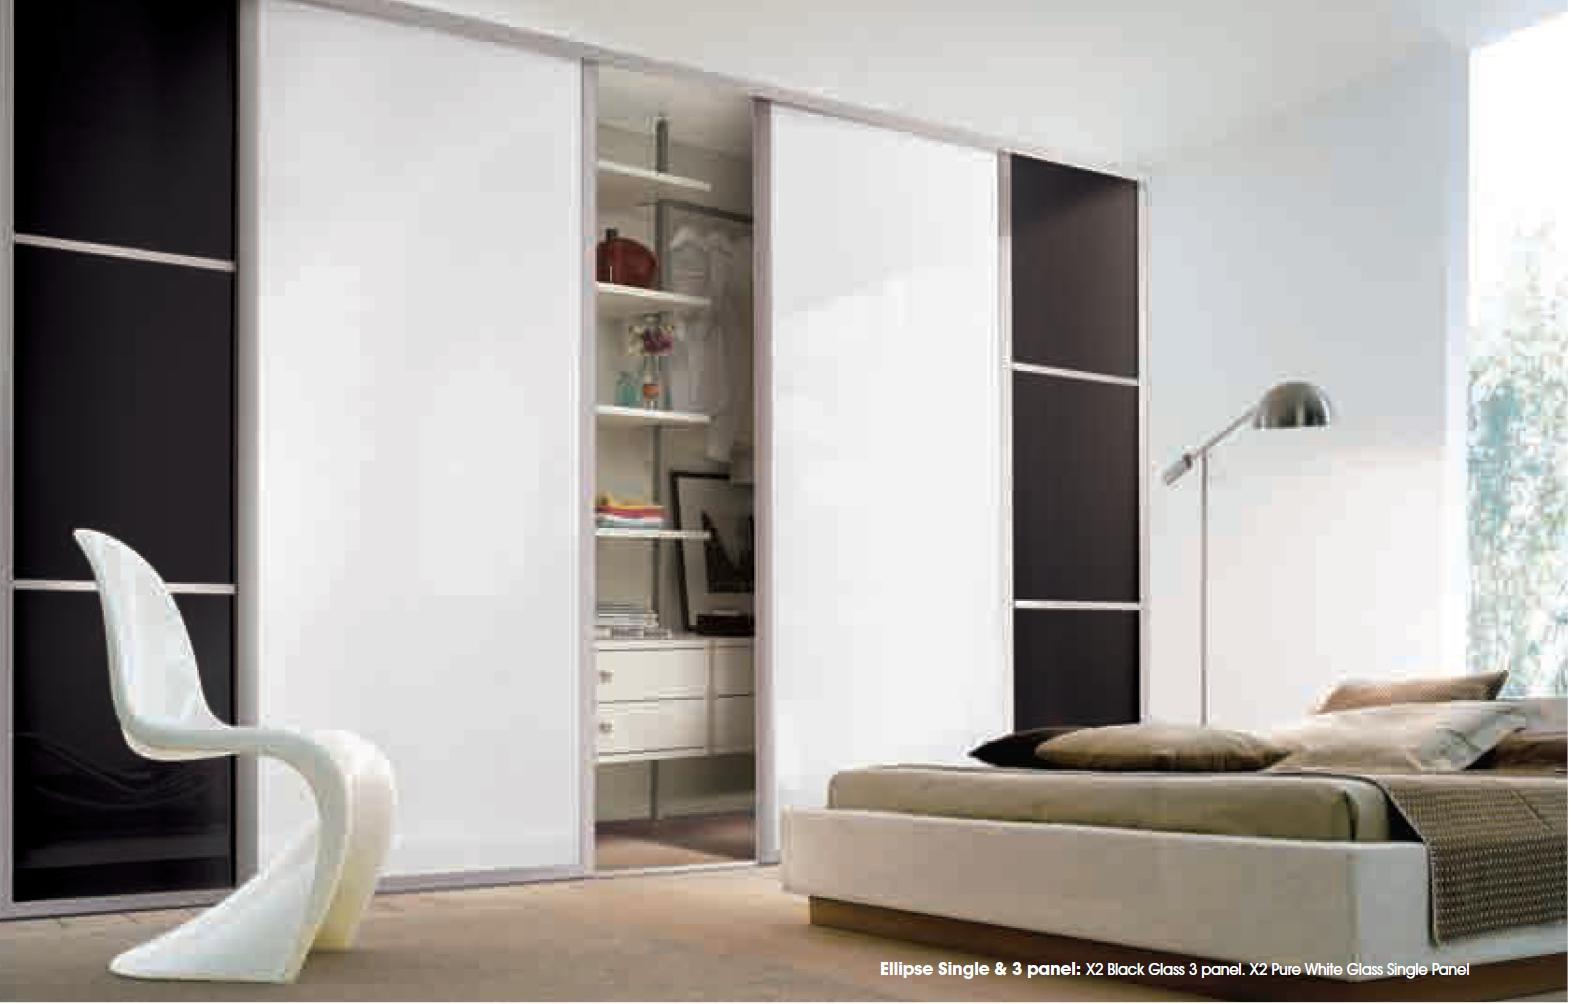 Coloured Glass Sliding Wardrobe Doors Sliding Wardrobe World Doors Design And Lifestyle Blog